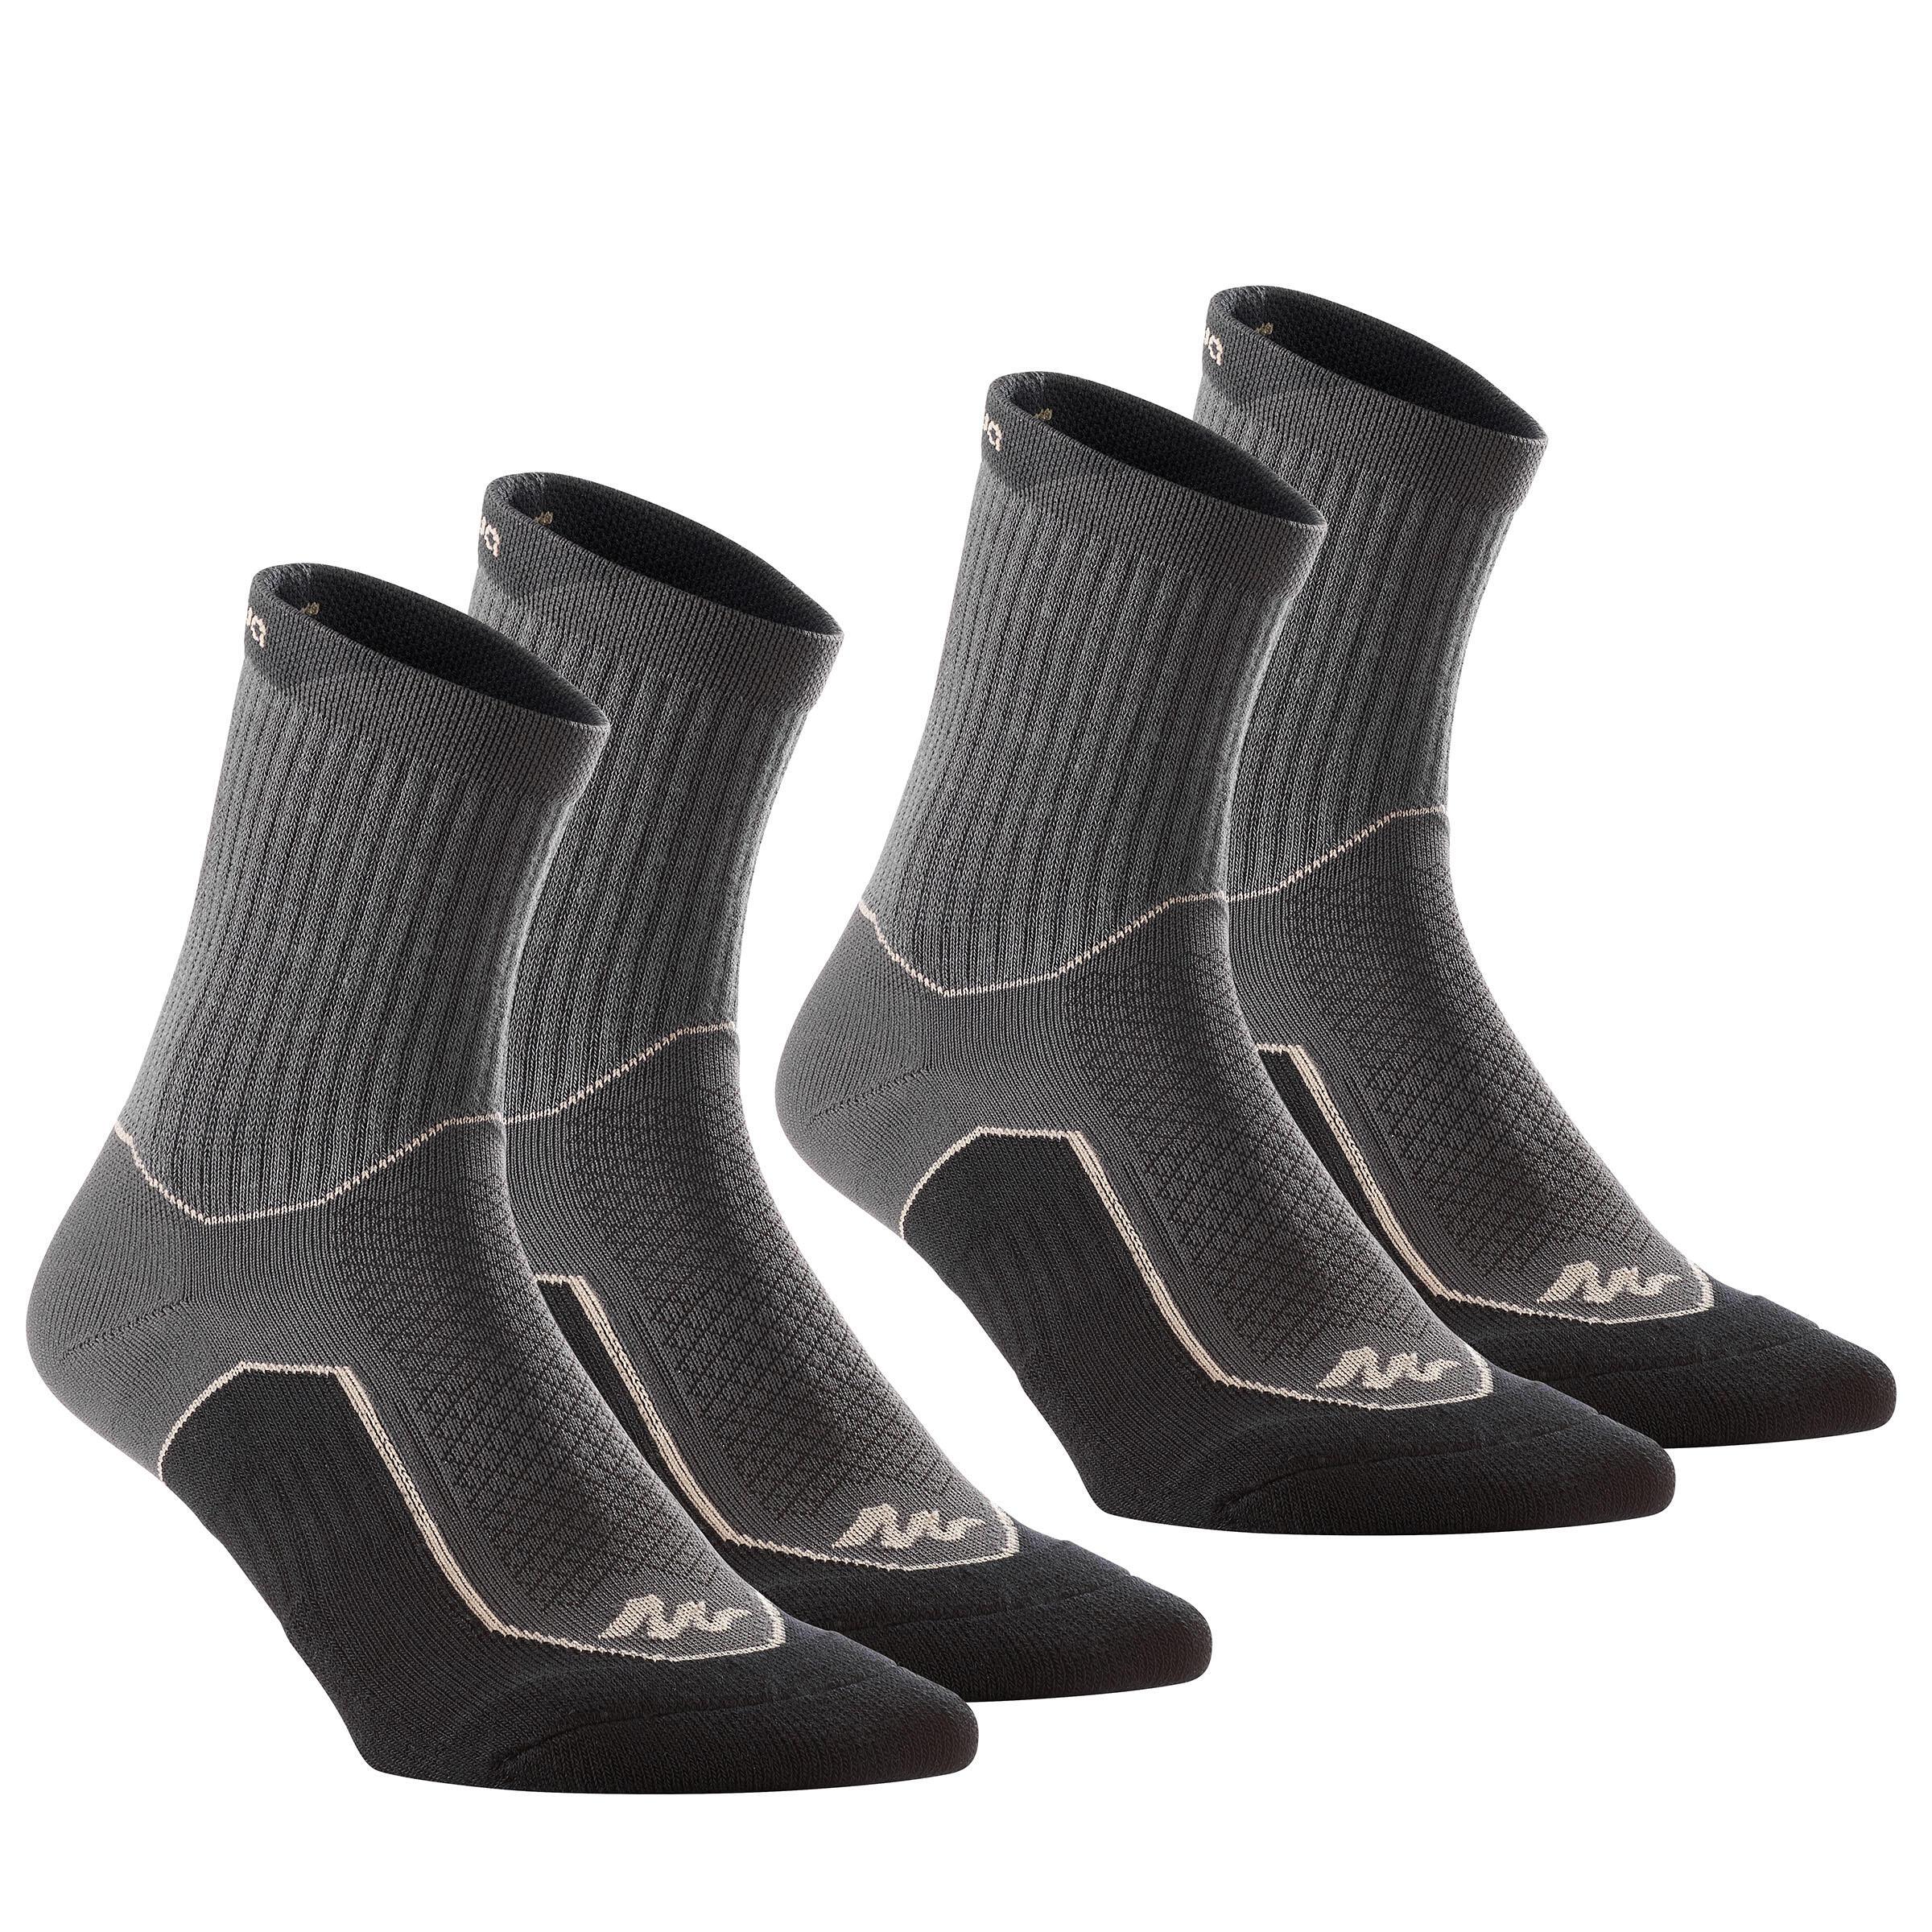 Chaussettes de randonnée Nature tiges haute. 2 paires Arpenaz 100 noir